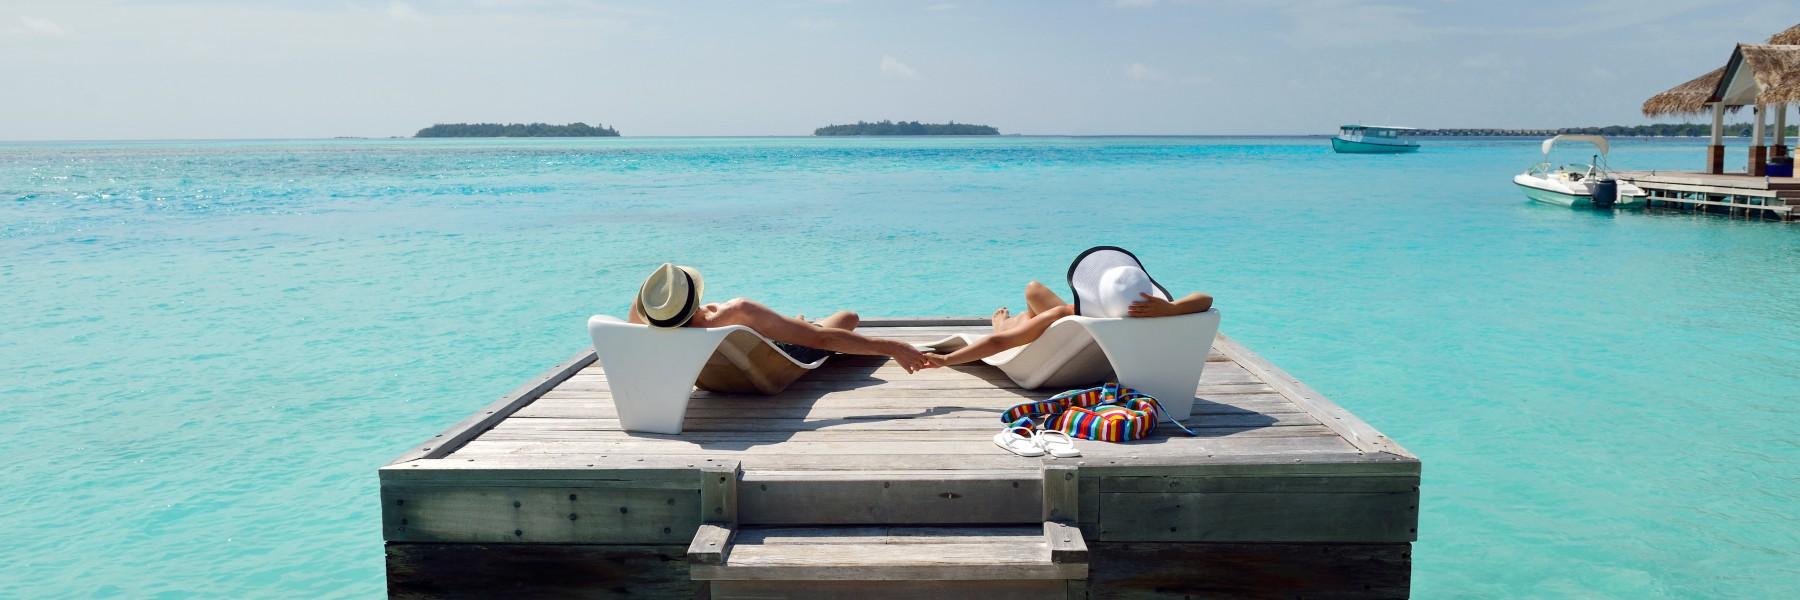 Top Honeymoon Hotels